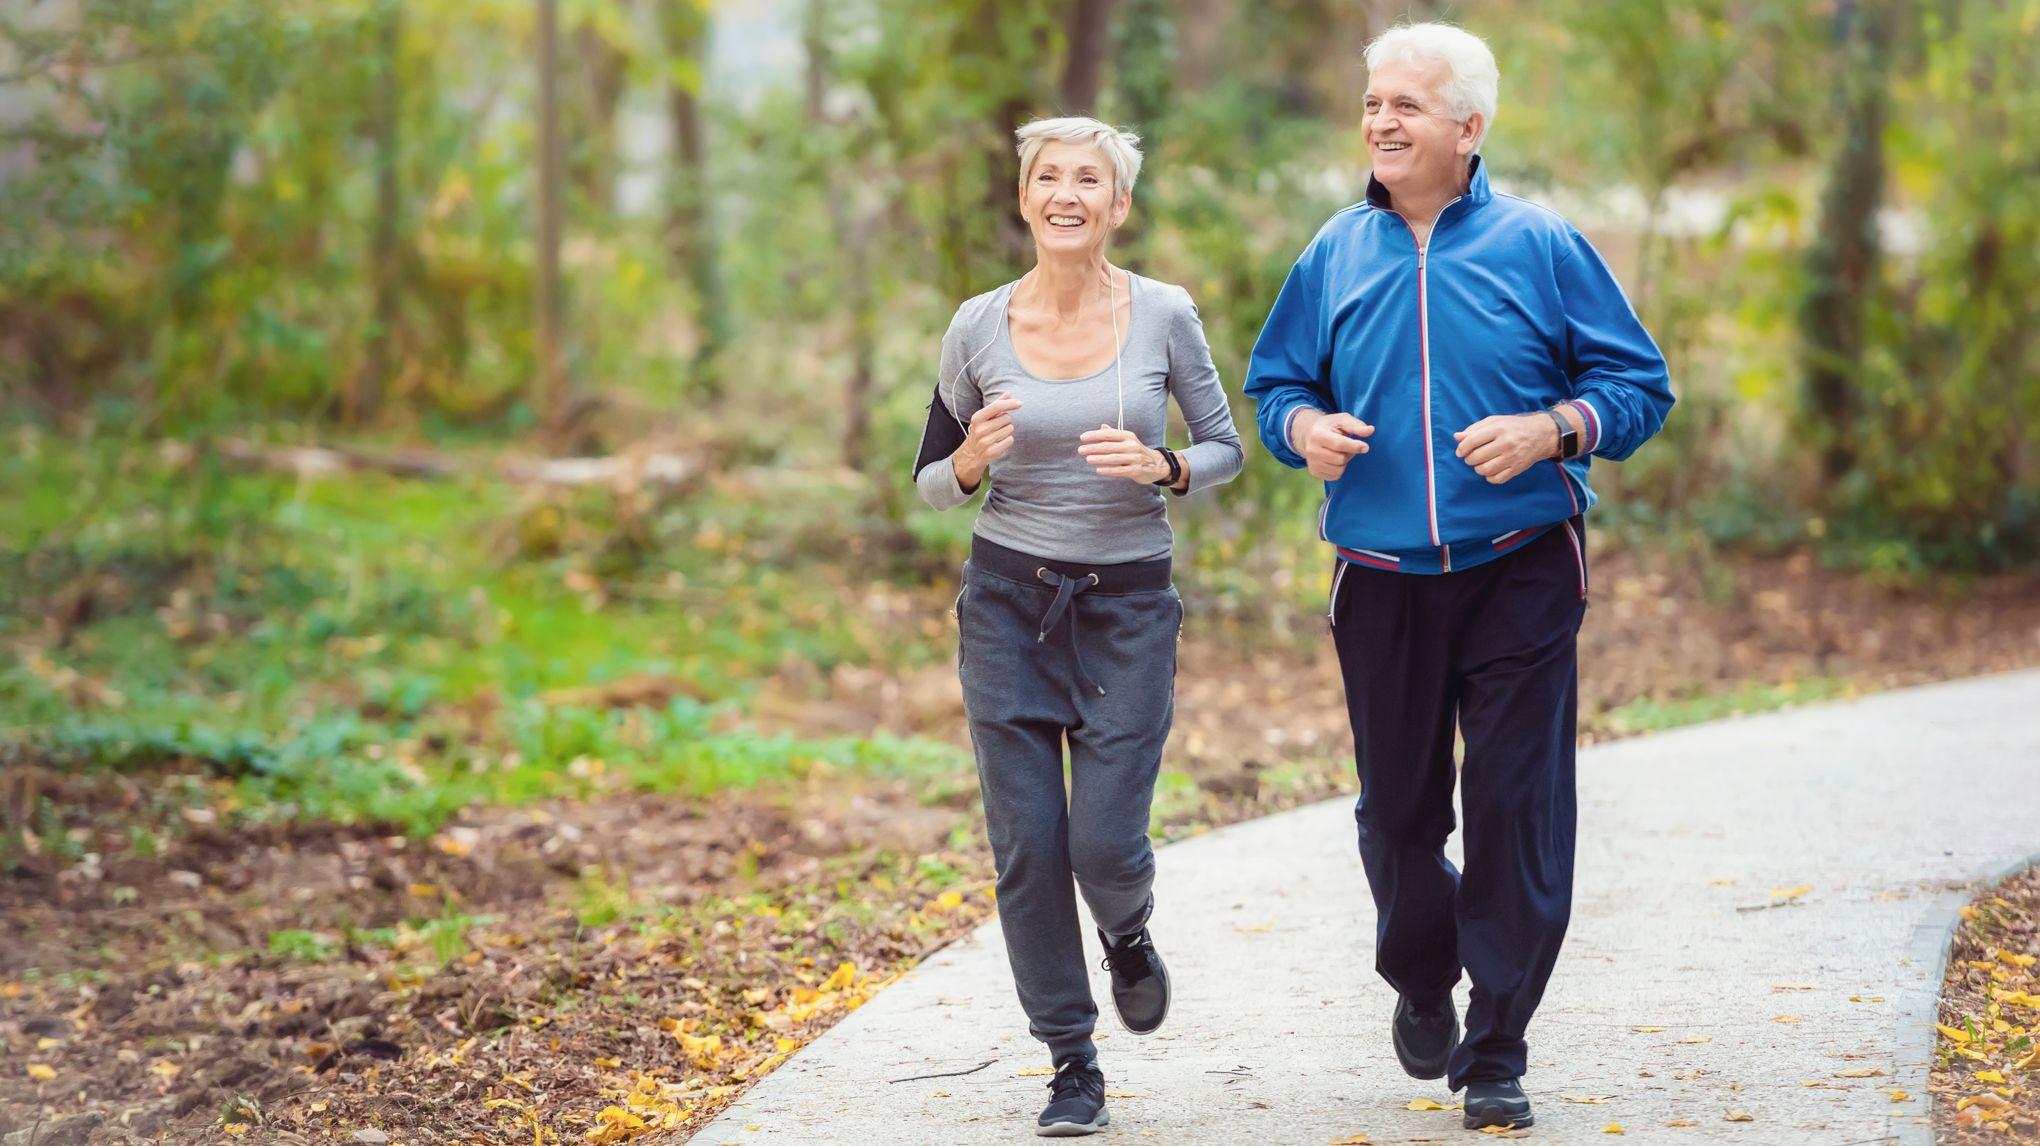 Pourquoi les riches vivent-ils plus longtemps et en meilleure santé?